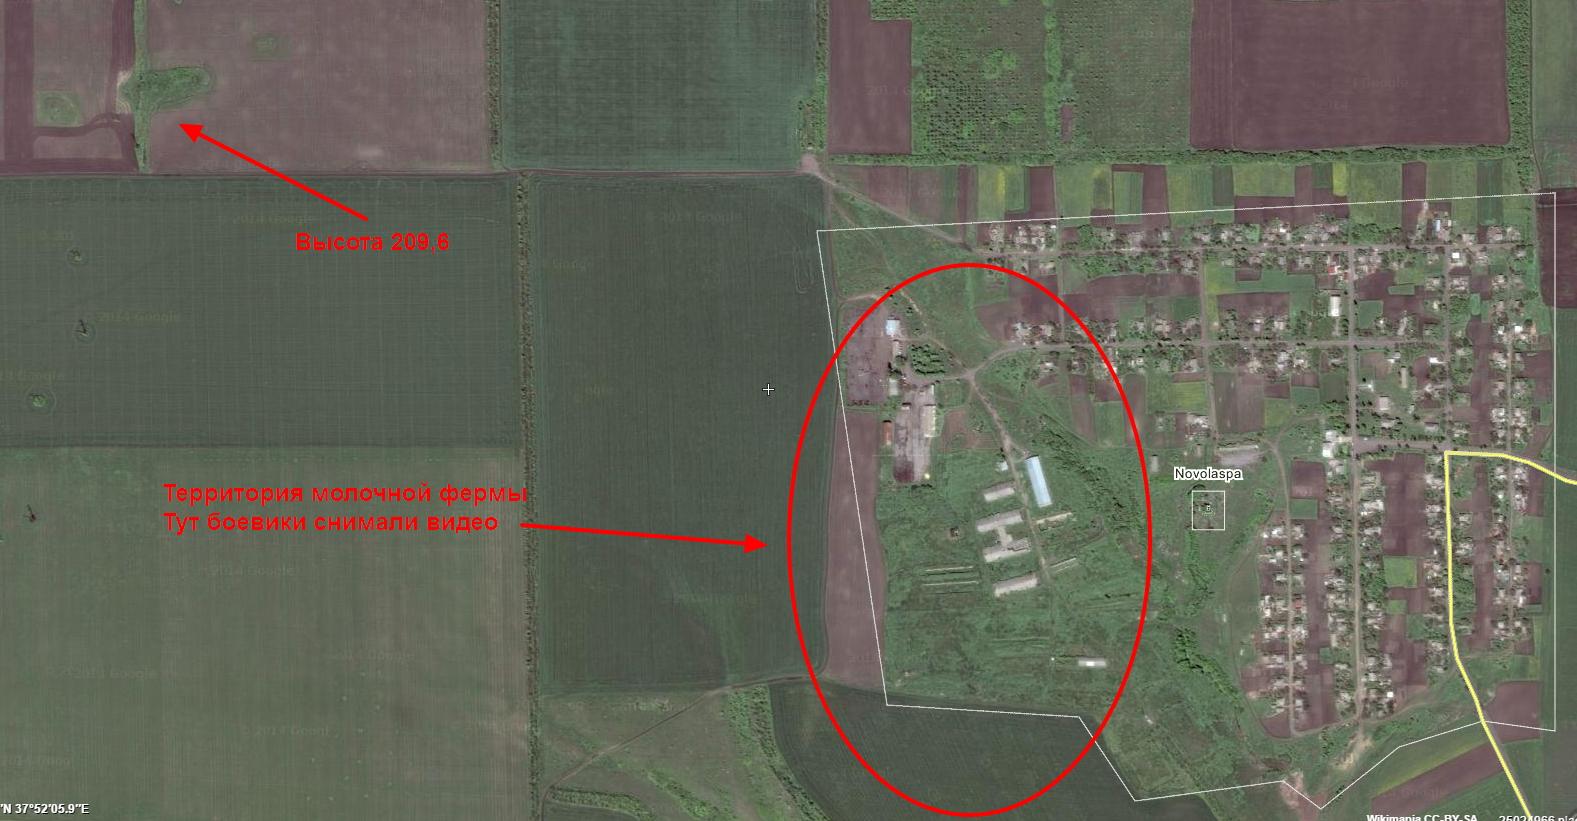 Старогнатівка - Новоласпа - Біла Кам'янка. Детальний розбір успішної операції - фото 3